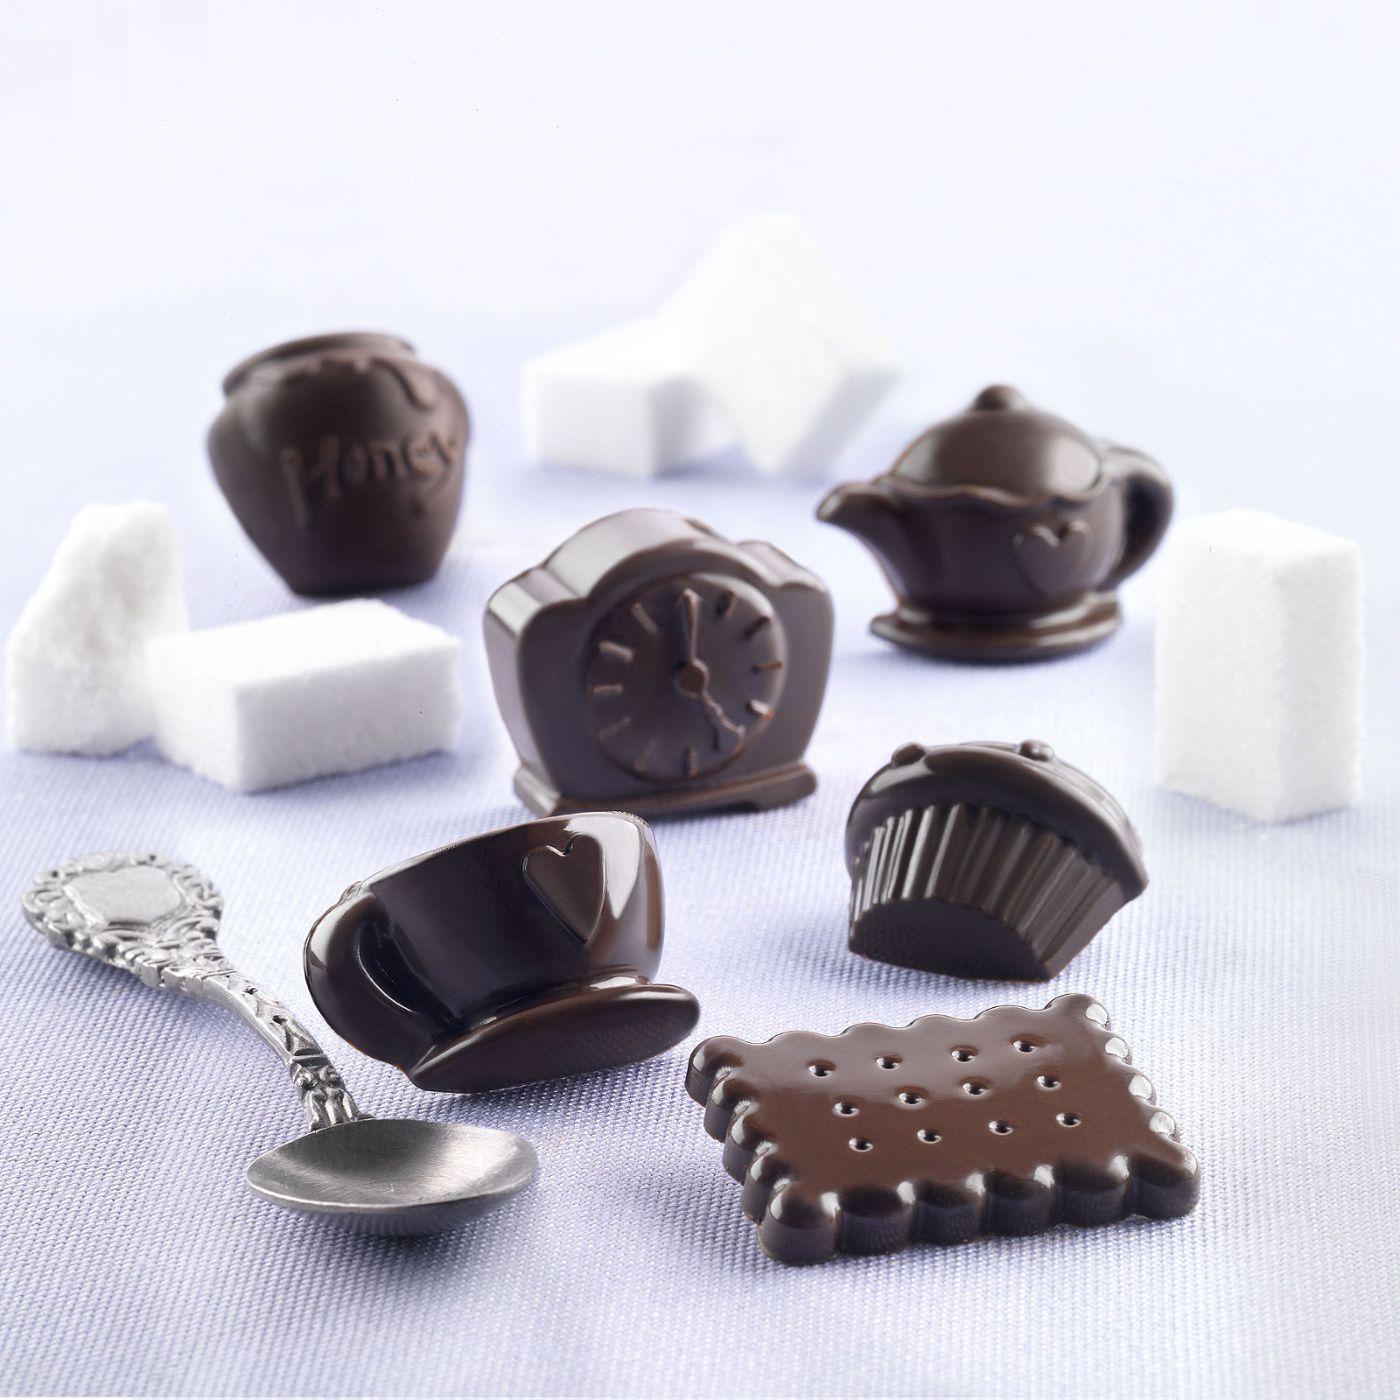 Φόρμα σιλικόνης για σοκολατάκια Tea Time SCG 17